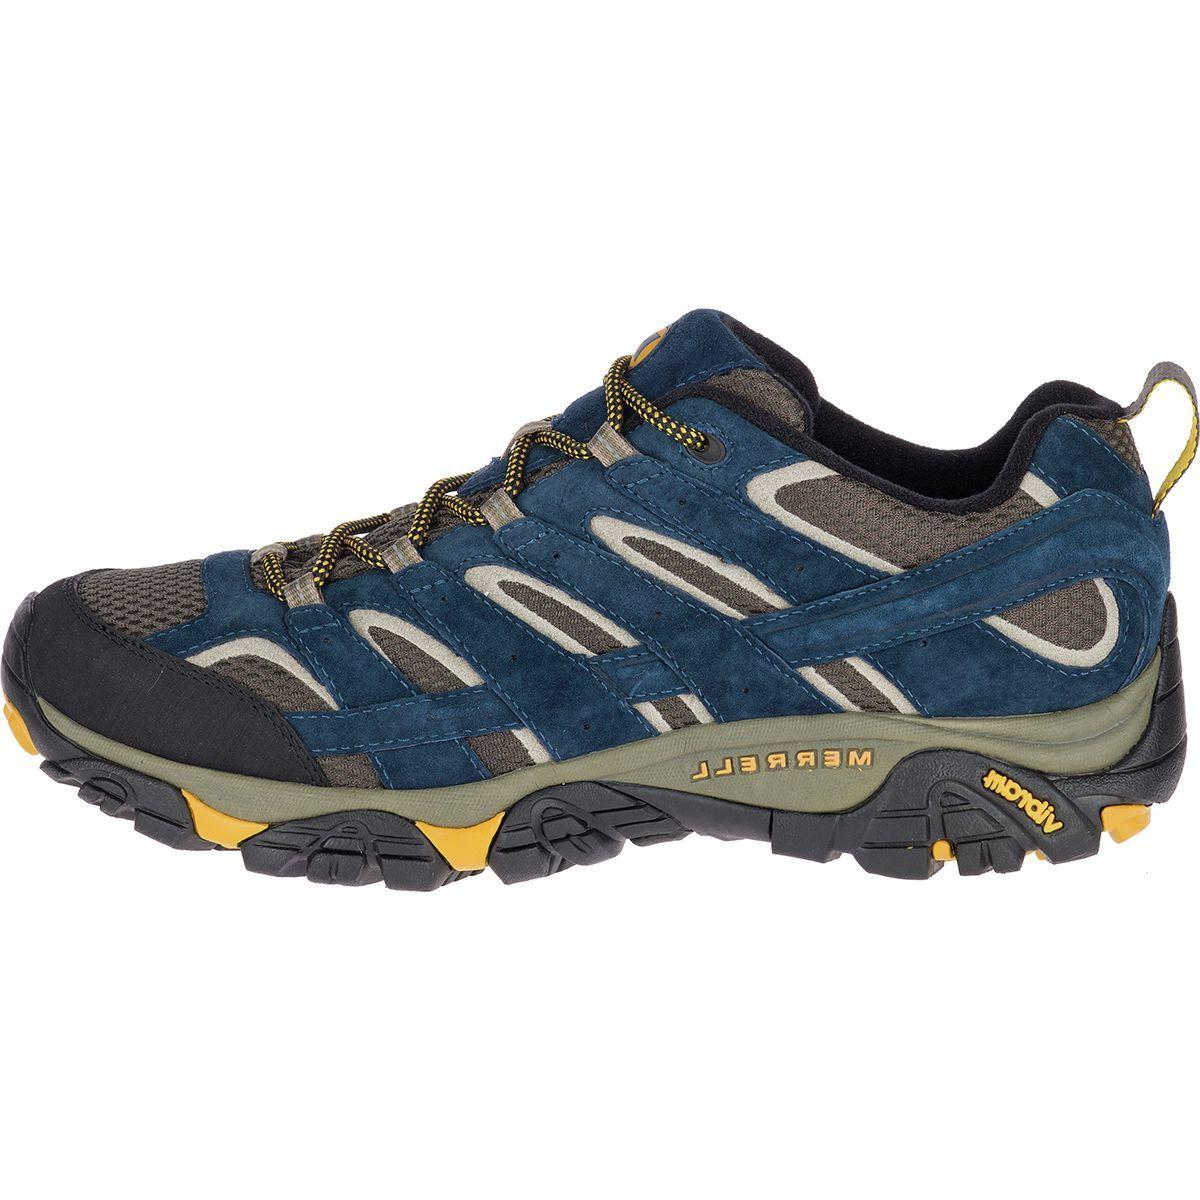 Merrell Moab 2 Vent Hiking Shoe - Men's